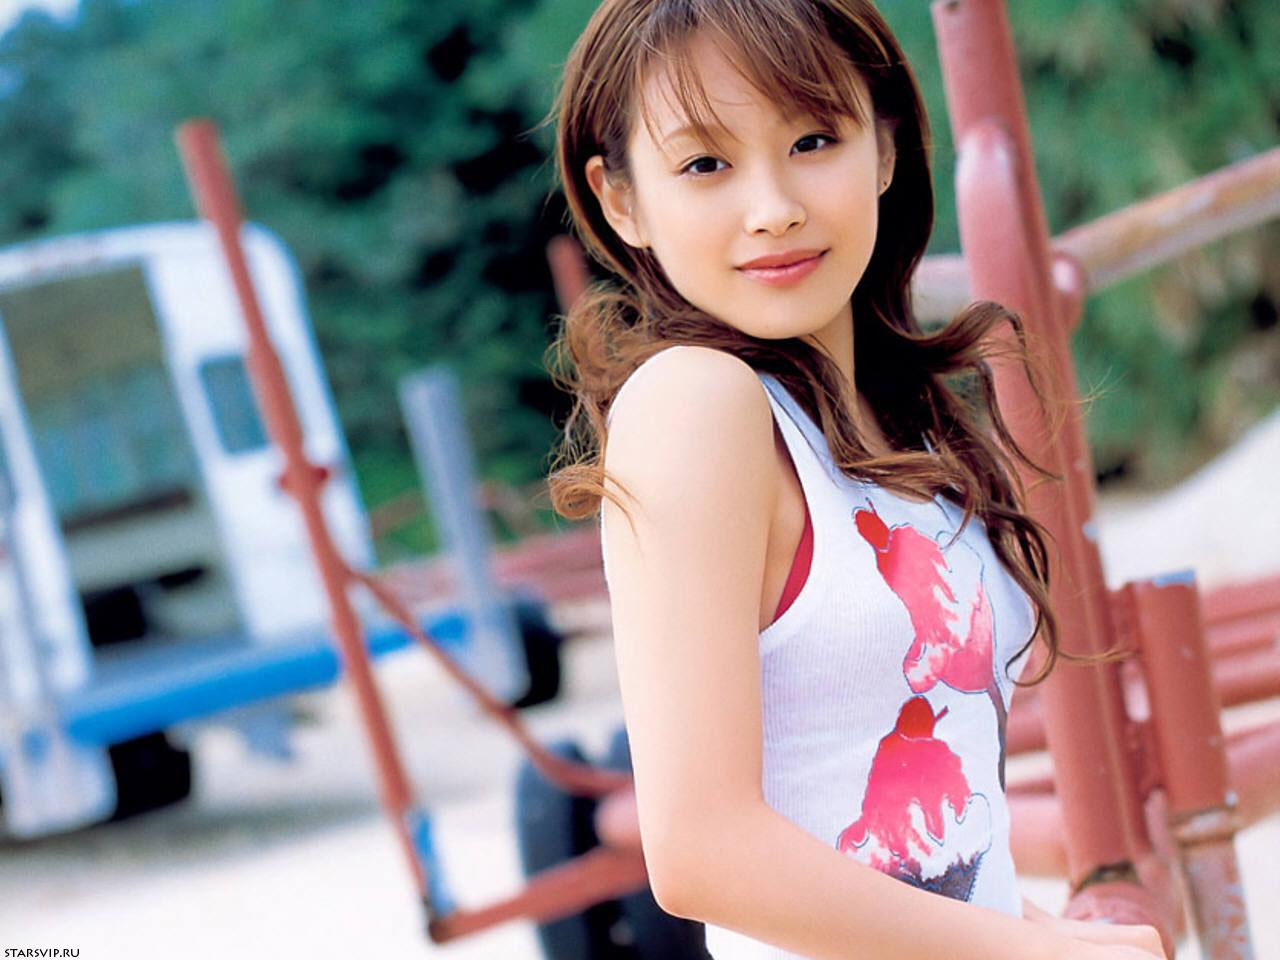 Японки красавицы фото 6 фотография